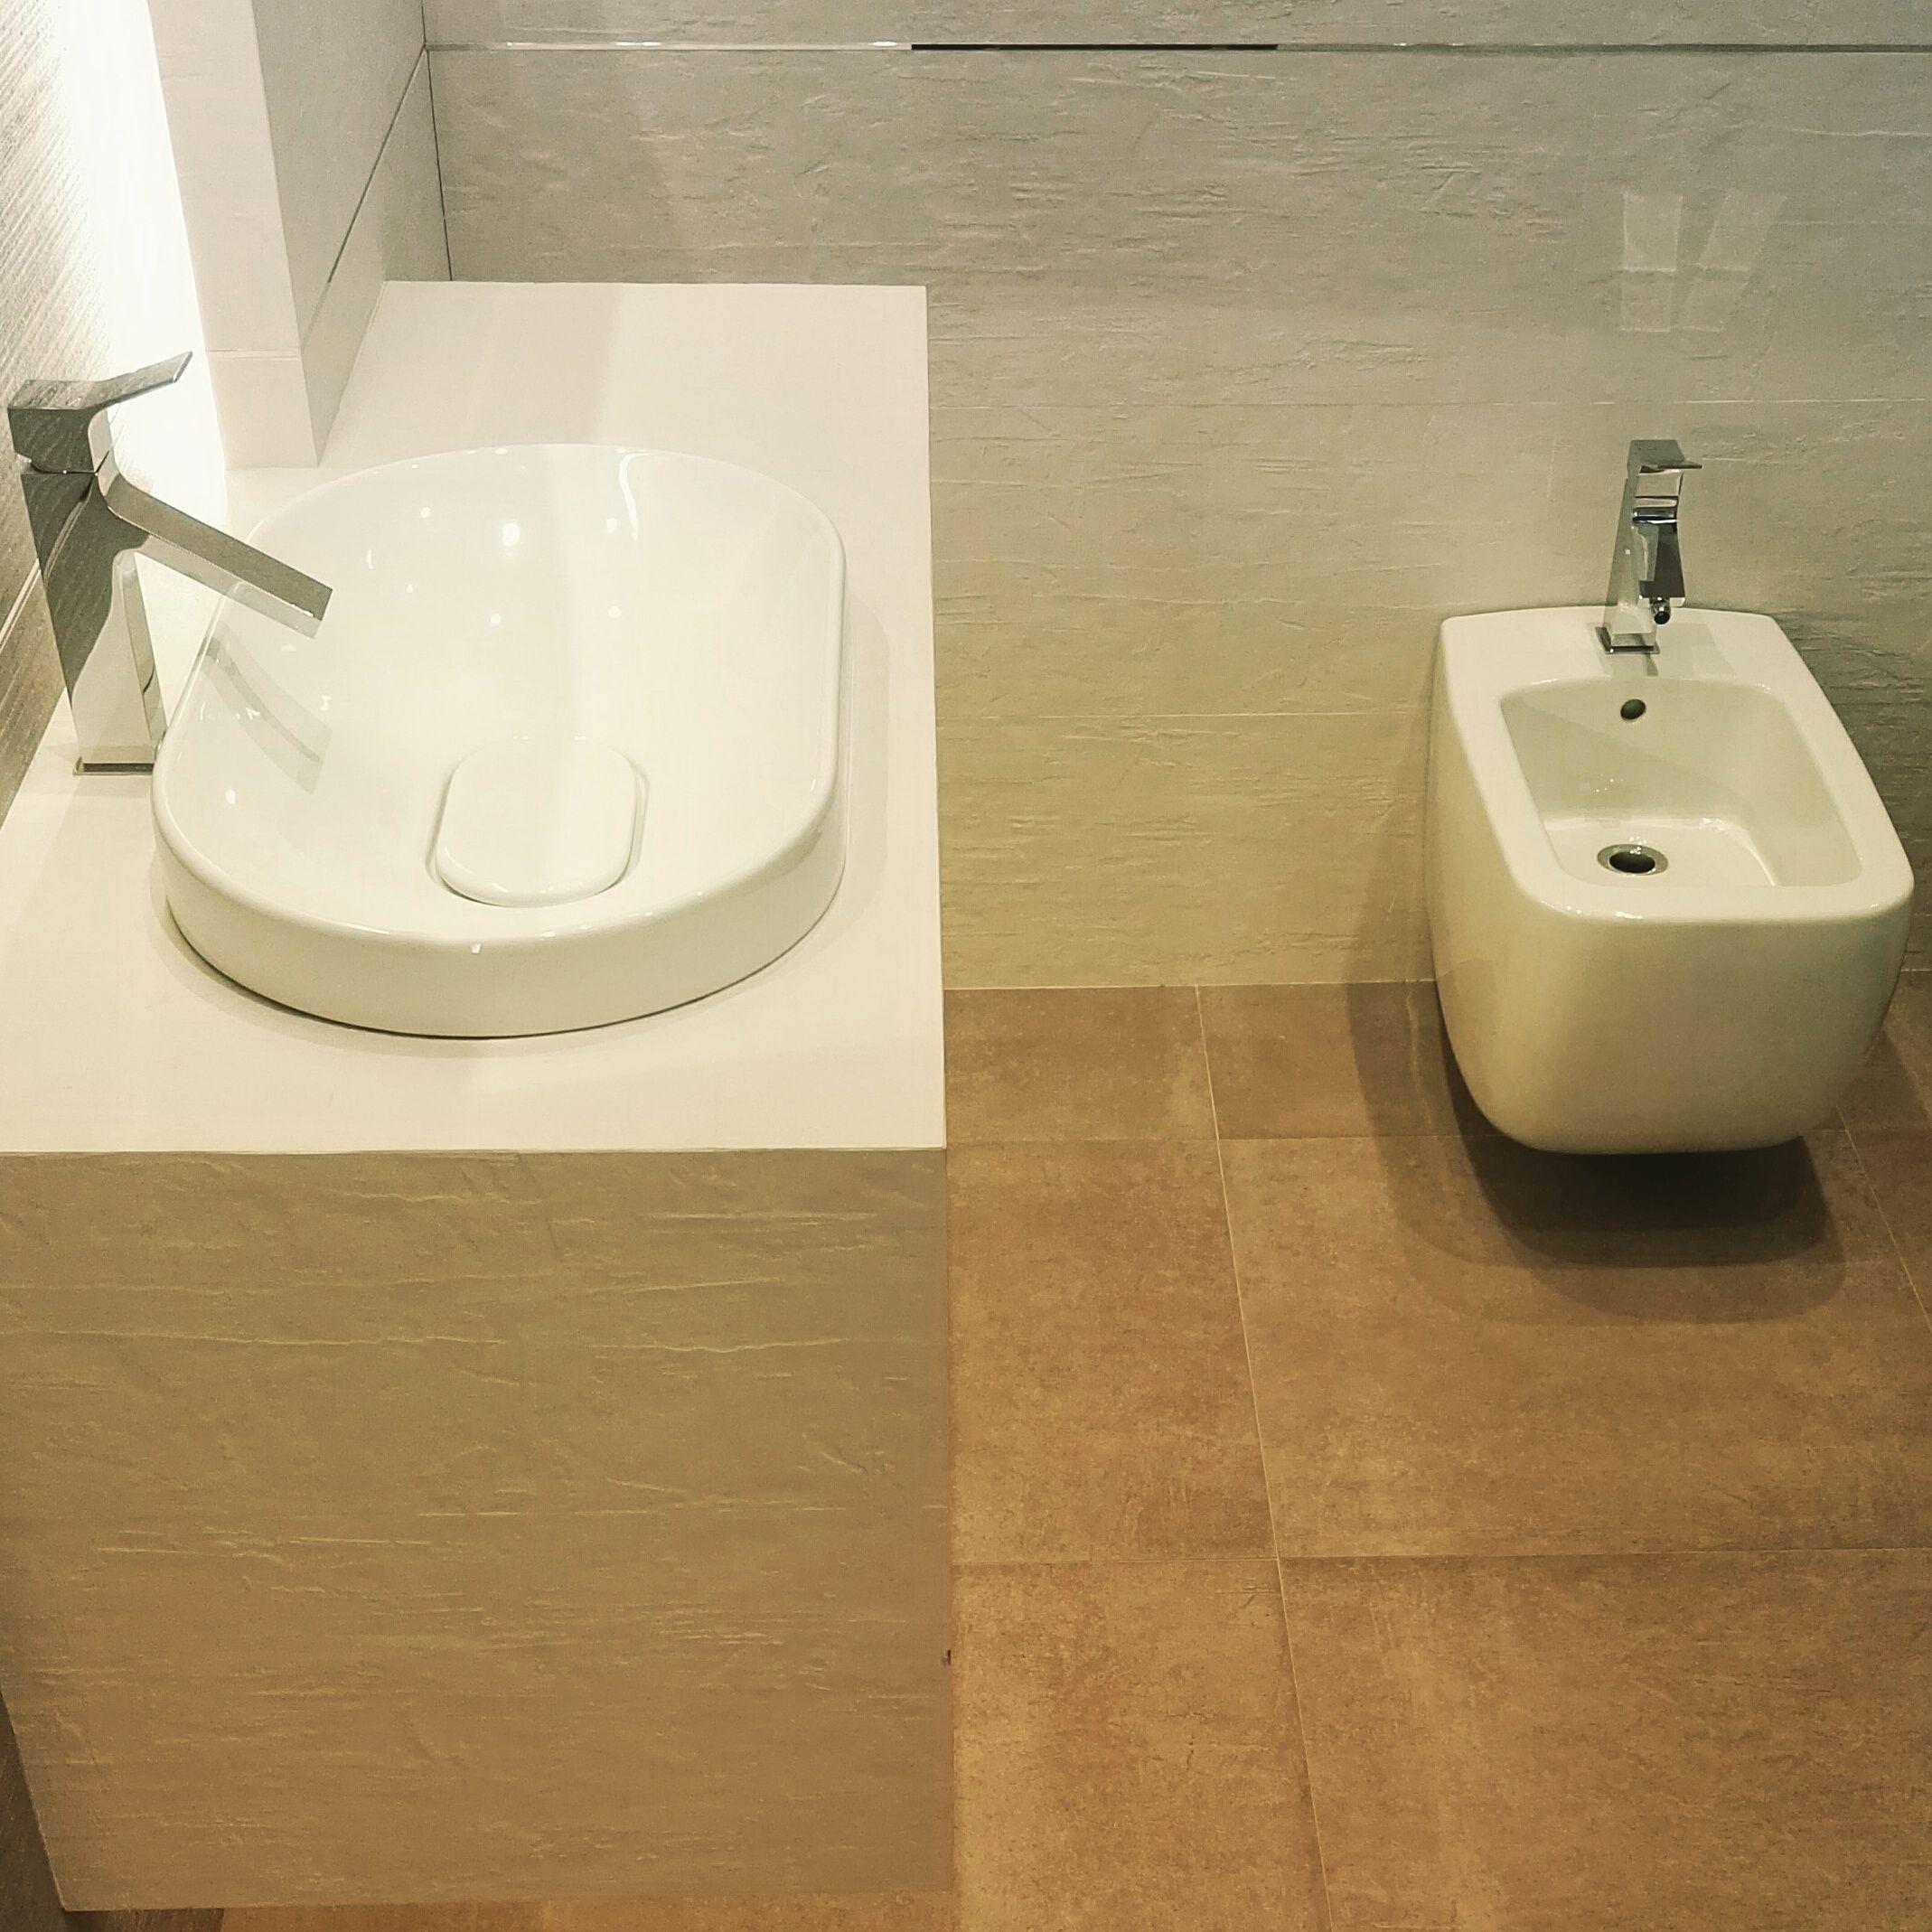 Squat Toilet Minimalist Bathroom: Subtelny Urok Faktury Płytek